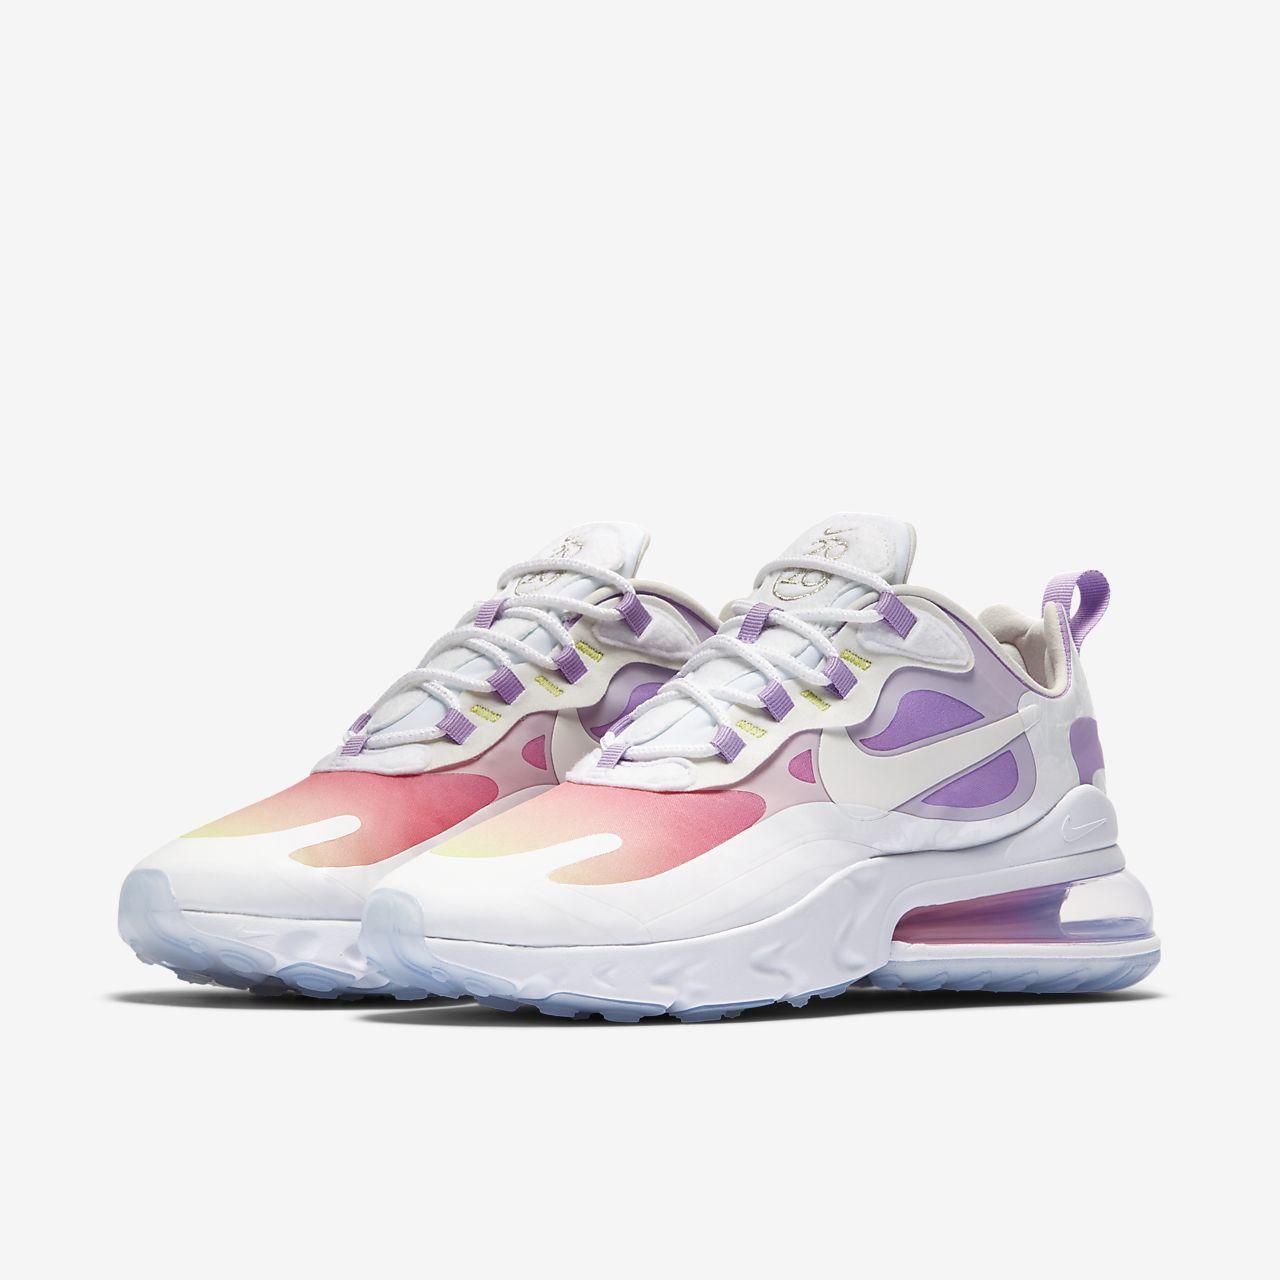 Exklusiv Nike Air Max 95 Lx Kvinnor Klassiska Tränare